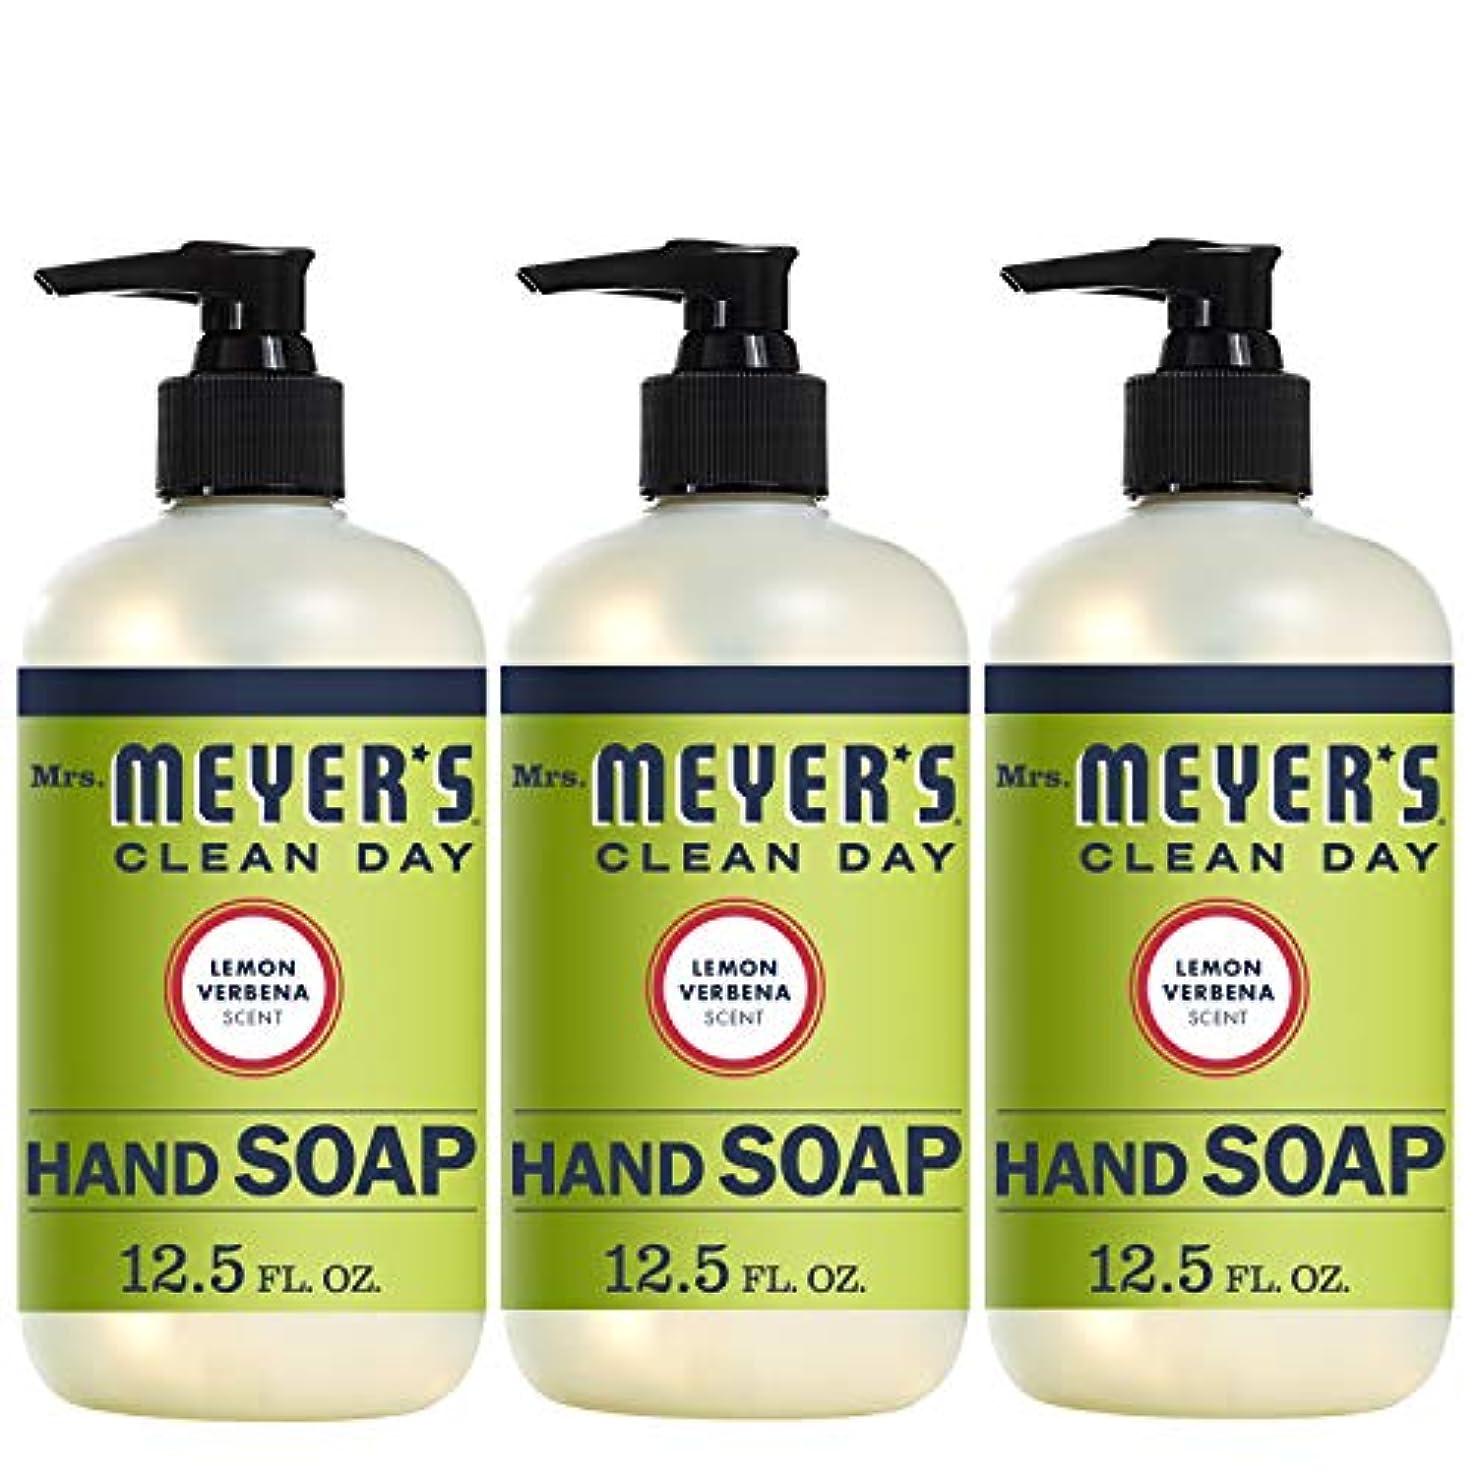 中止します収縮示すMrs. Meyers Clean Day ハンドソープ レモン Verbena 12.5液量オンス